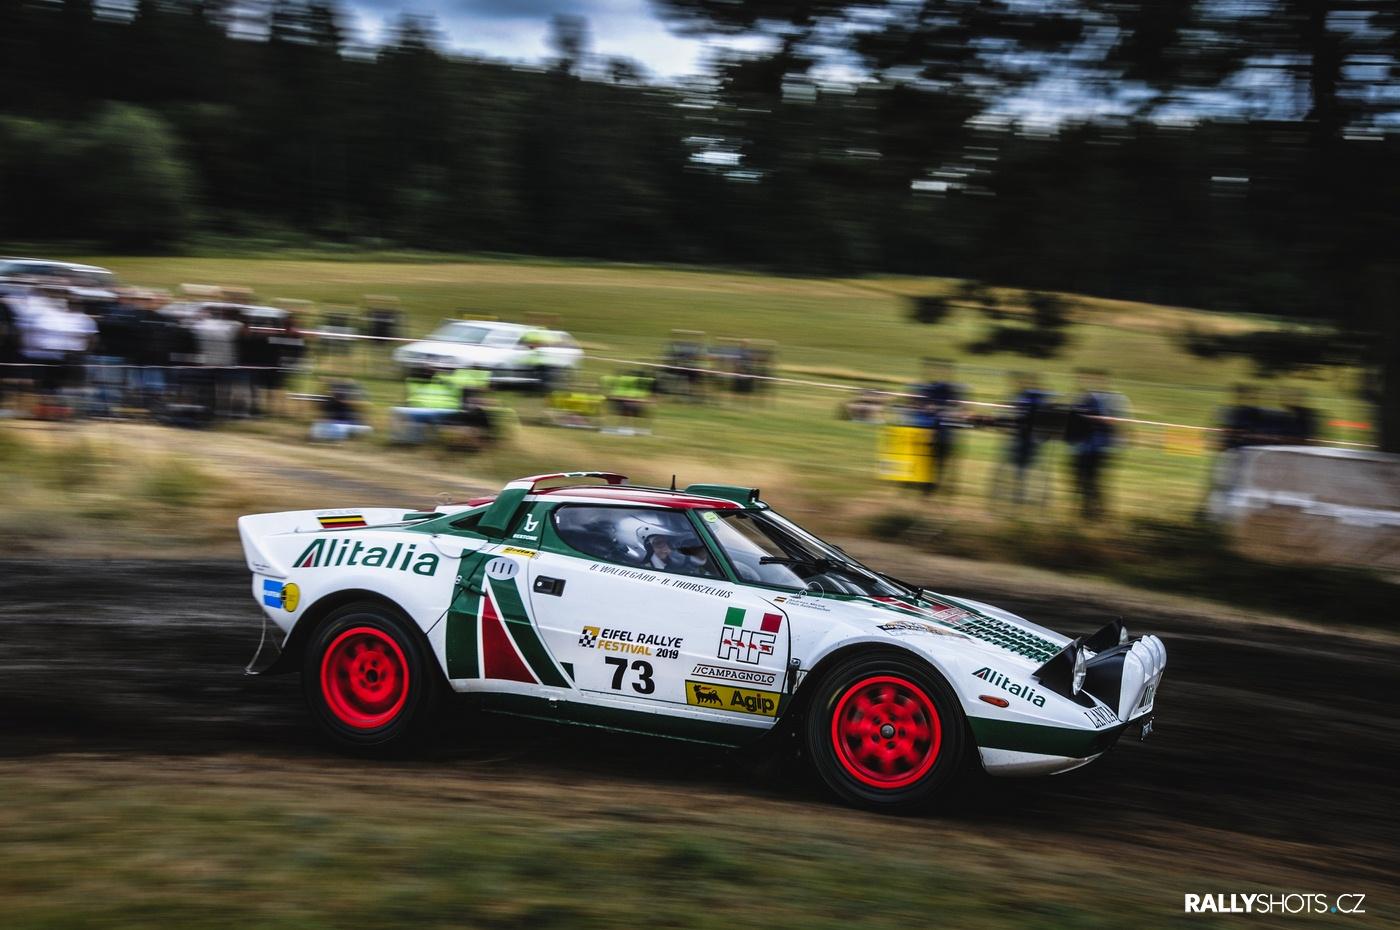 Eifel Rallye Festival 2019 Lancia Stratos Alitalia